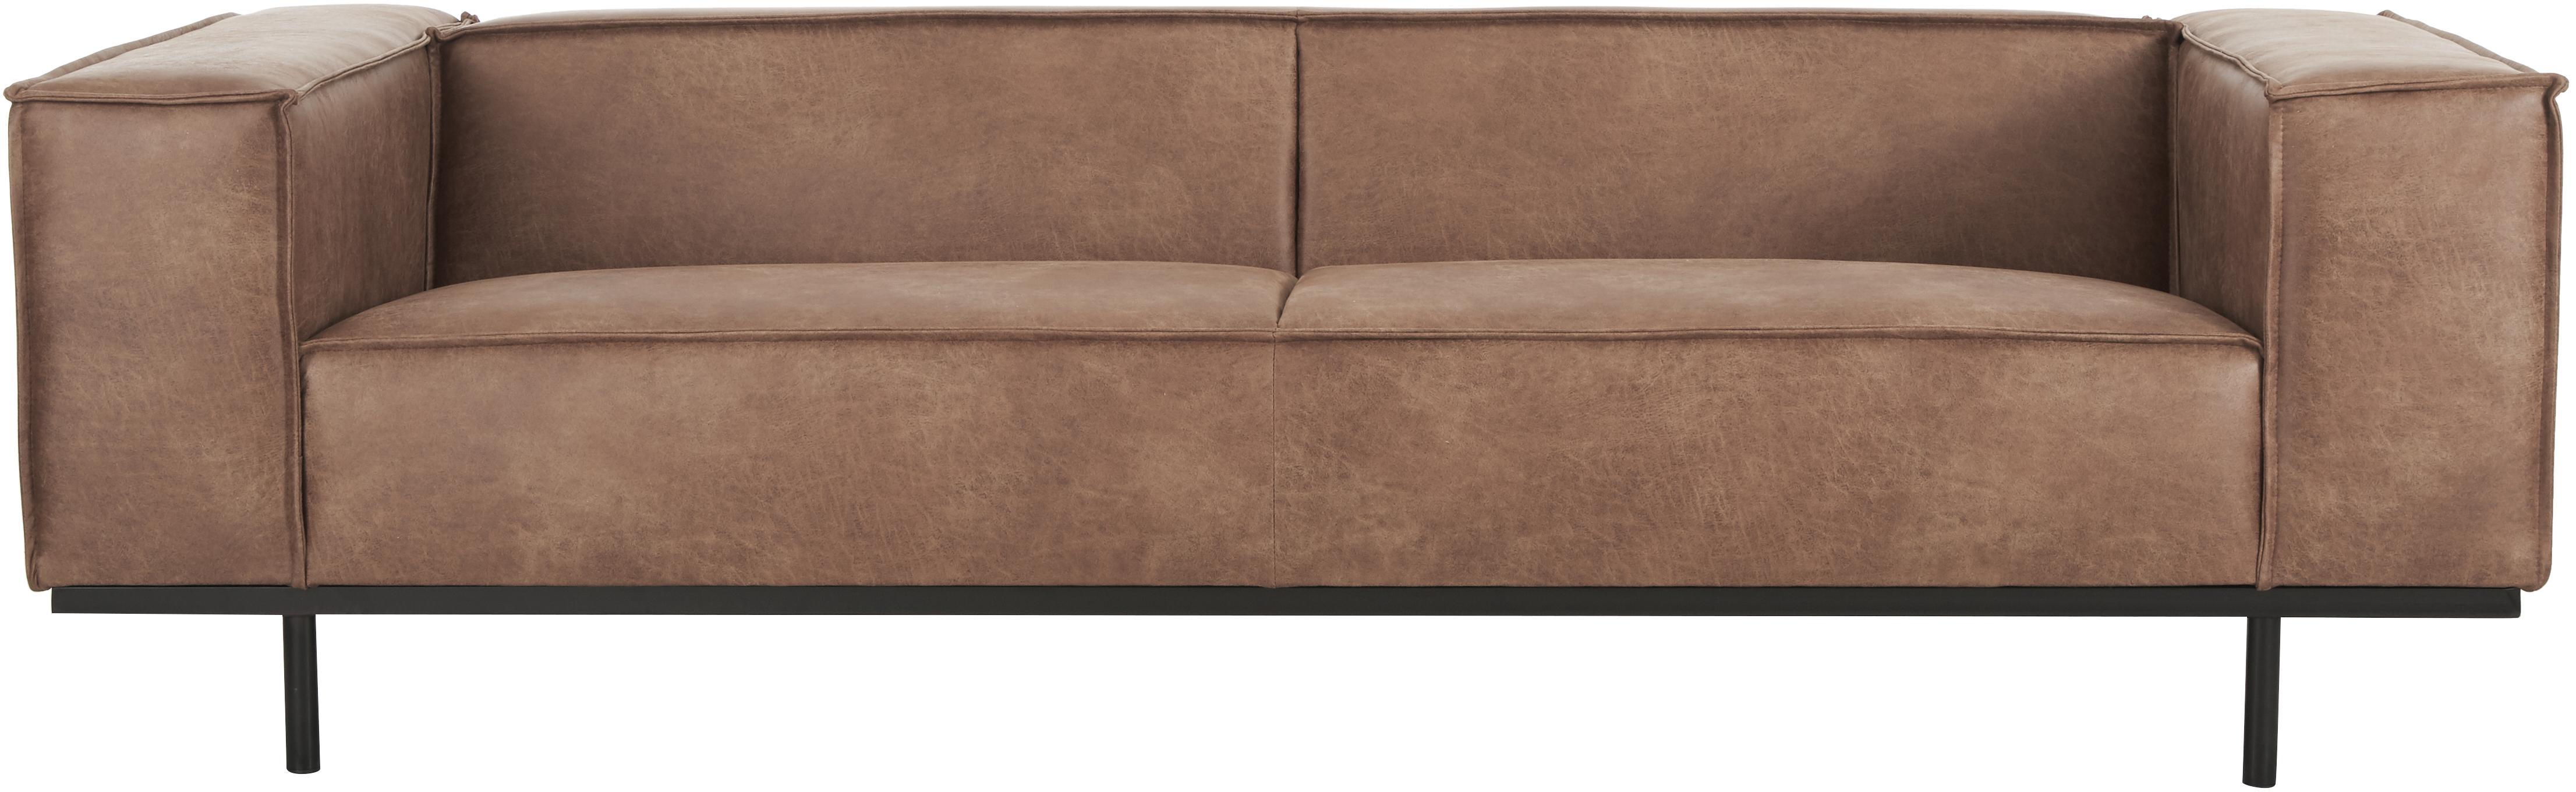 Divano 3 posti in pelle Abigail, Rivestimento: fibra di cuoio (70% pelle, Piedini: acciaio, verniciato, Pelle marrone, Larg. 230 x Prof. 95 cm